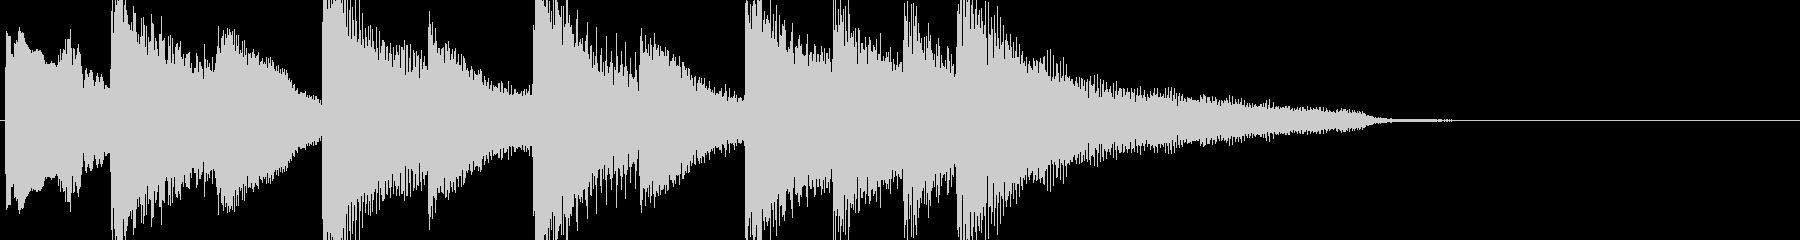 切なく美しいピアノのジングルの未再生の波形